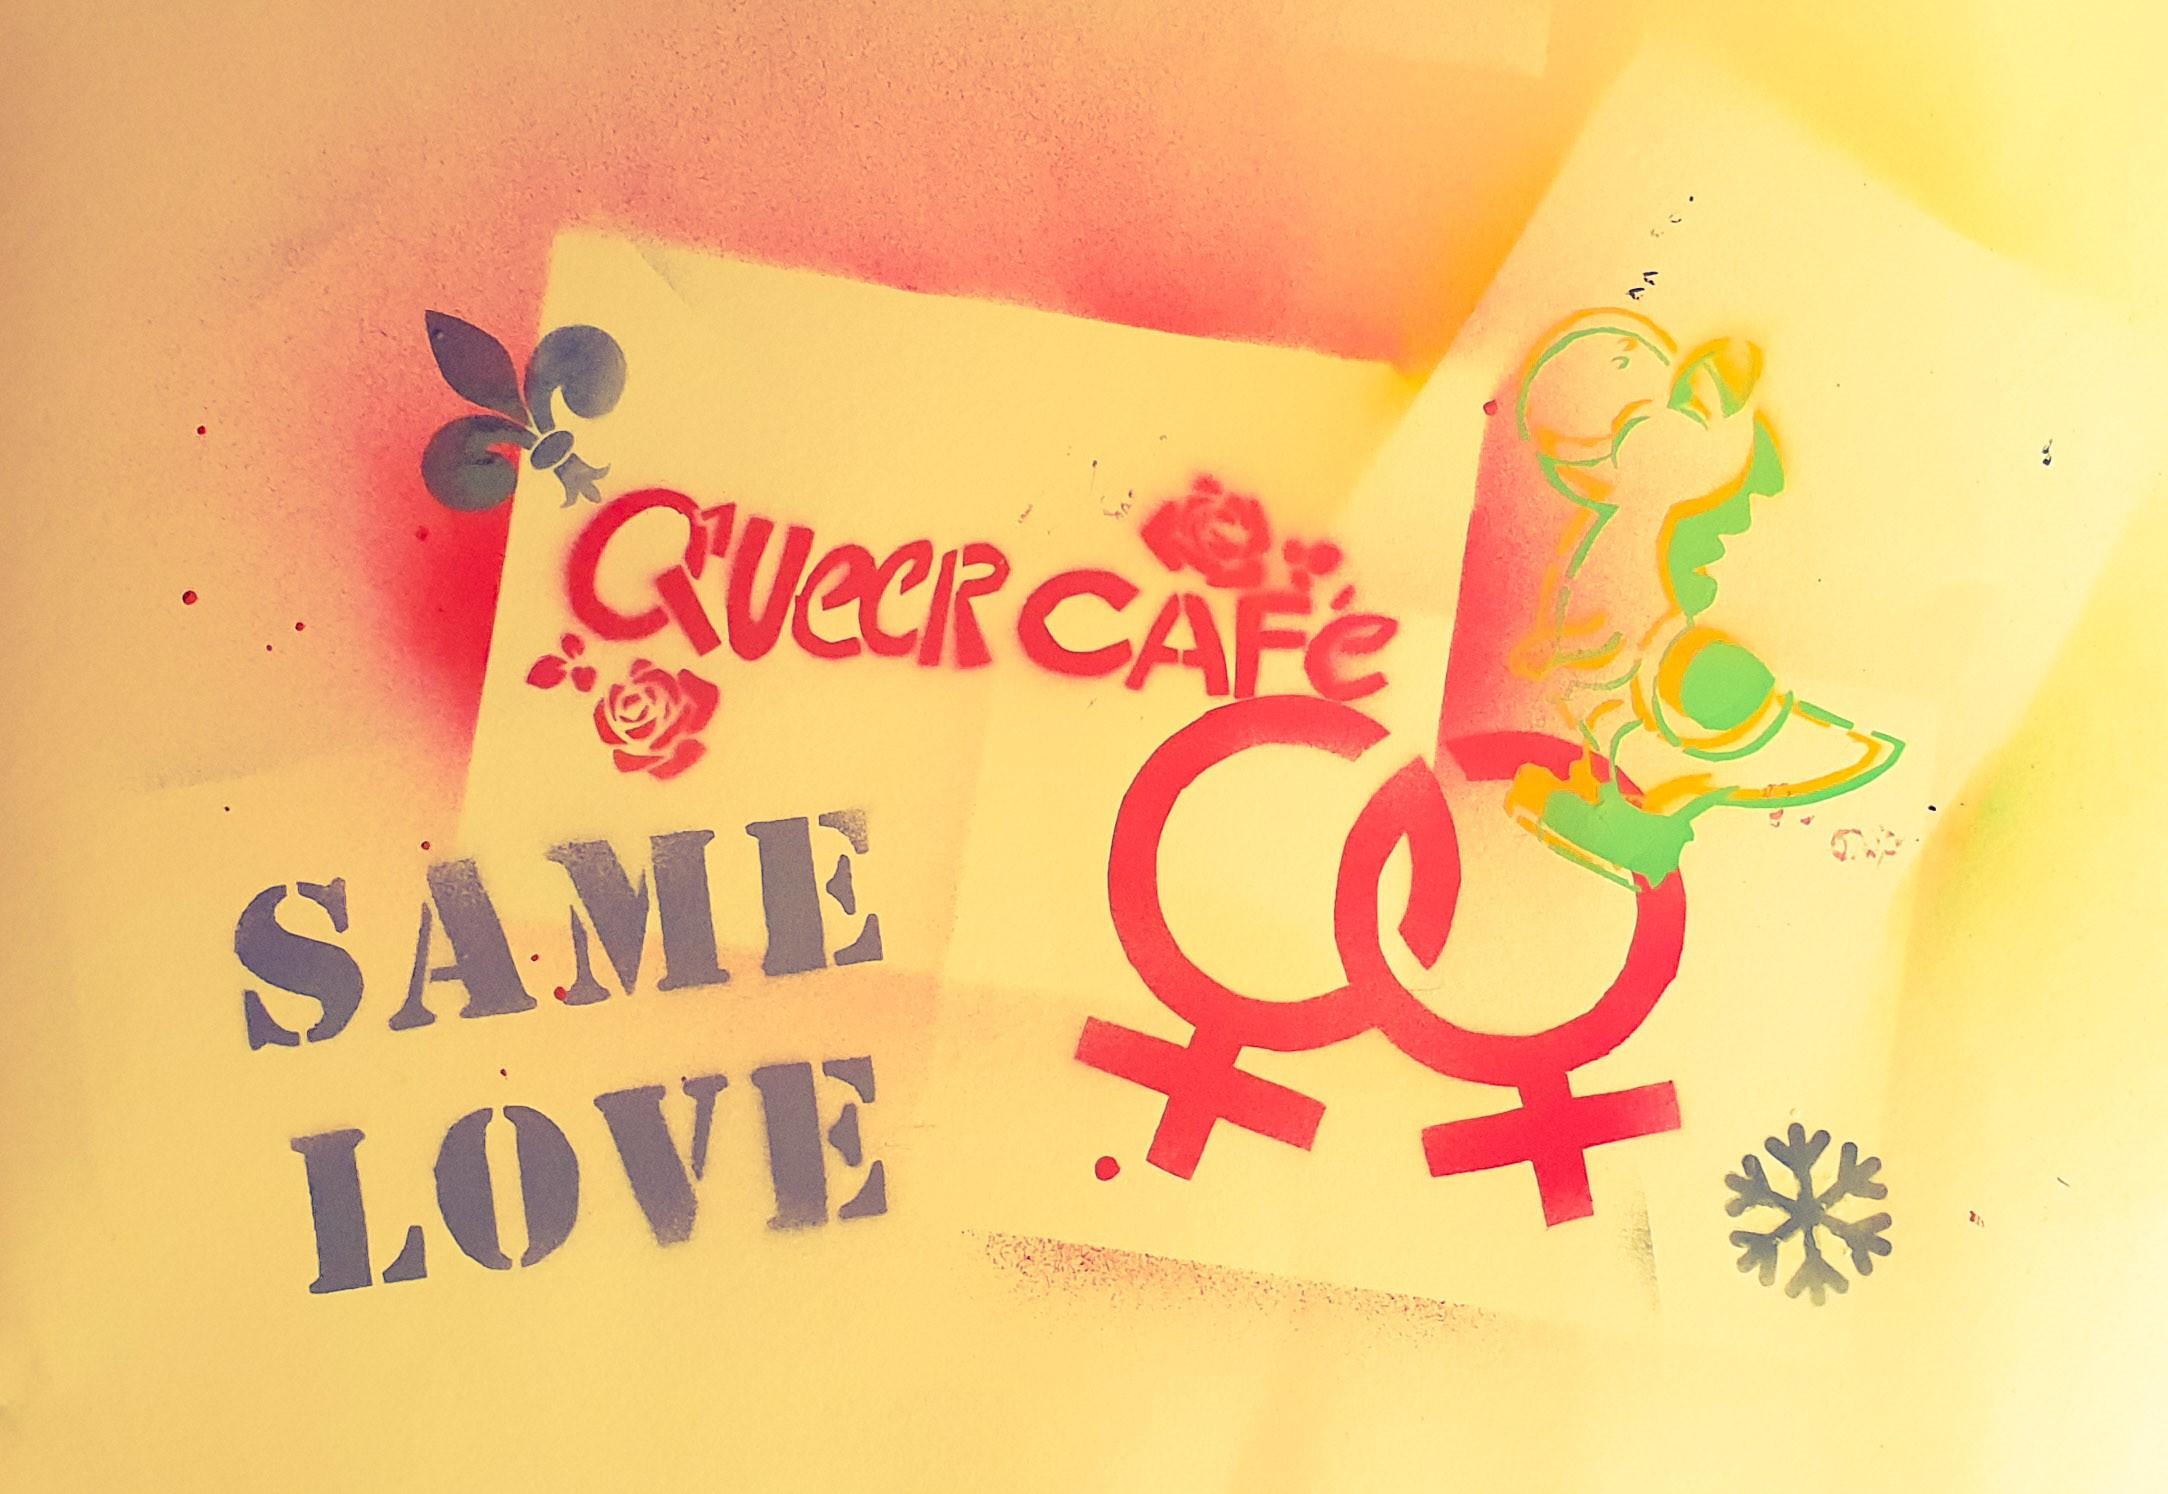 """Das Bild Zeigt ein gesprühtes Bild auf dem zwei ineinander verschlungene Zeichen für """"weiblich"""" zu sehen sind. Daneben steht """"same Love"""" darüber """"Queer Cafe"""""""